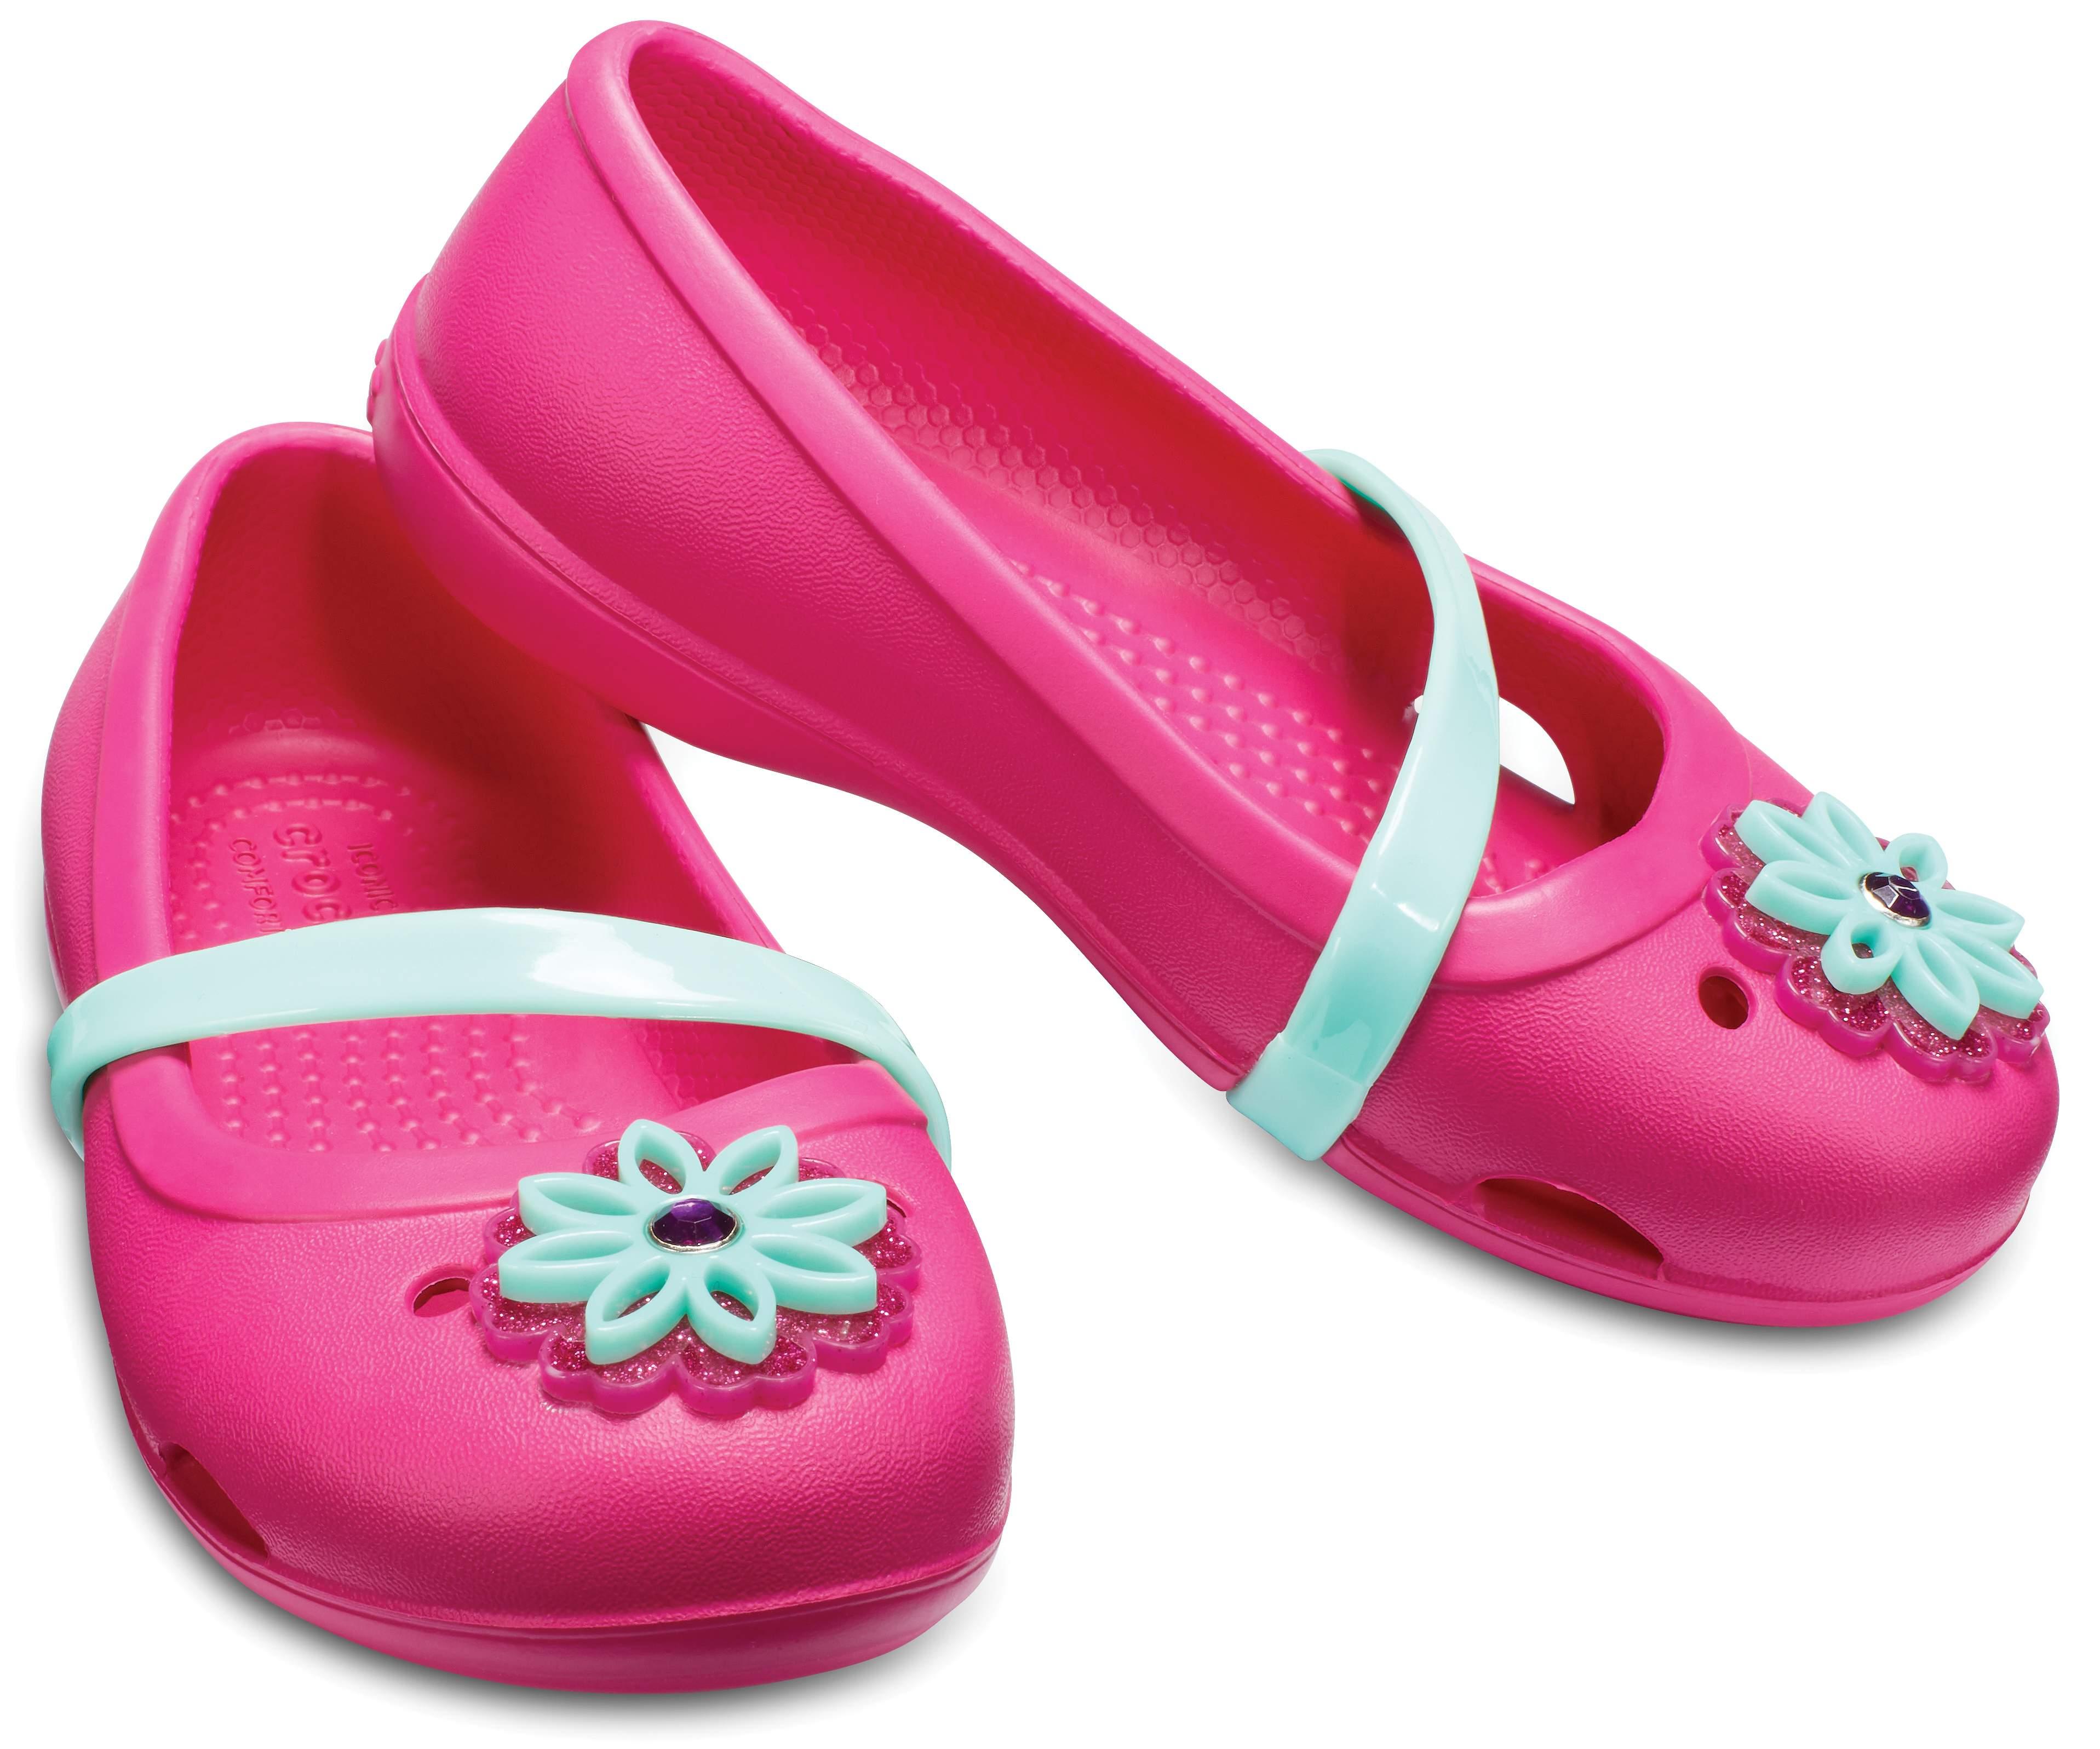 【クロックス公式】 クロックス リナ フラット キッズ Kids' Crocs Lina Charm Flat ガールズ、キッズ、子供用、女の子 レッド/赤 14cm,15cm,15.5cm,16.5cm,18cm,20cm flat フラットシューズ バレエシューズ ぺたんこシューズ 20%OFF